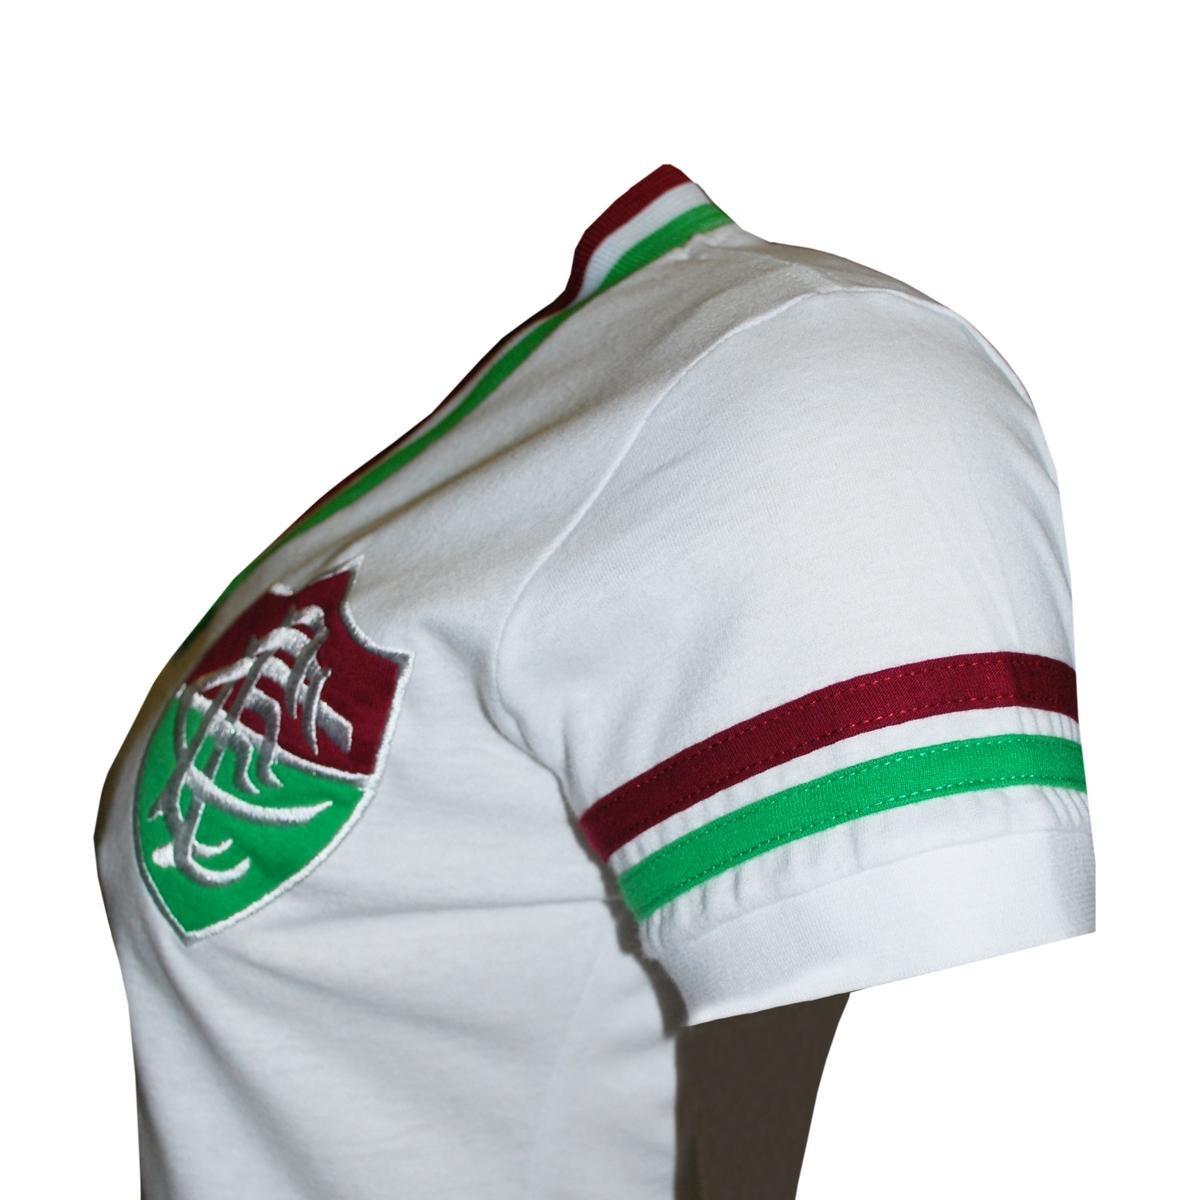 Camisa Liga Retrô Fluminense Mundial 1952 Feminino - Compre Agora ... f49be0fa7e20a